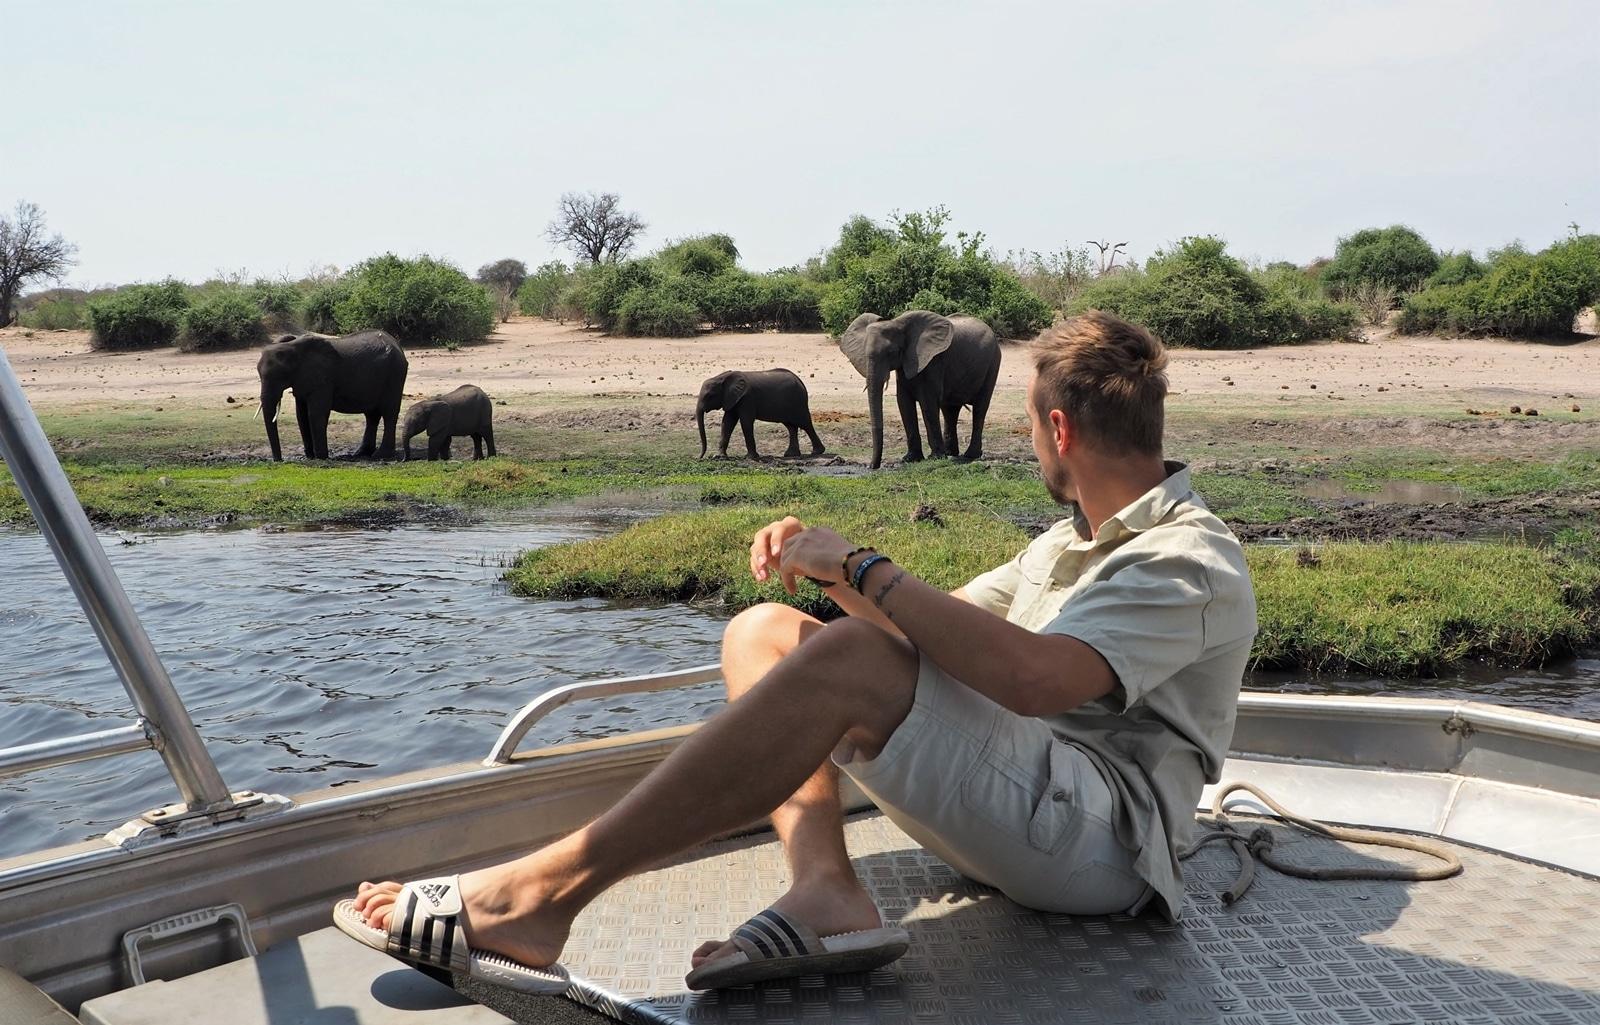 Pozorovanie rodinky slonov v národnom parku Chobe